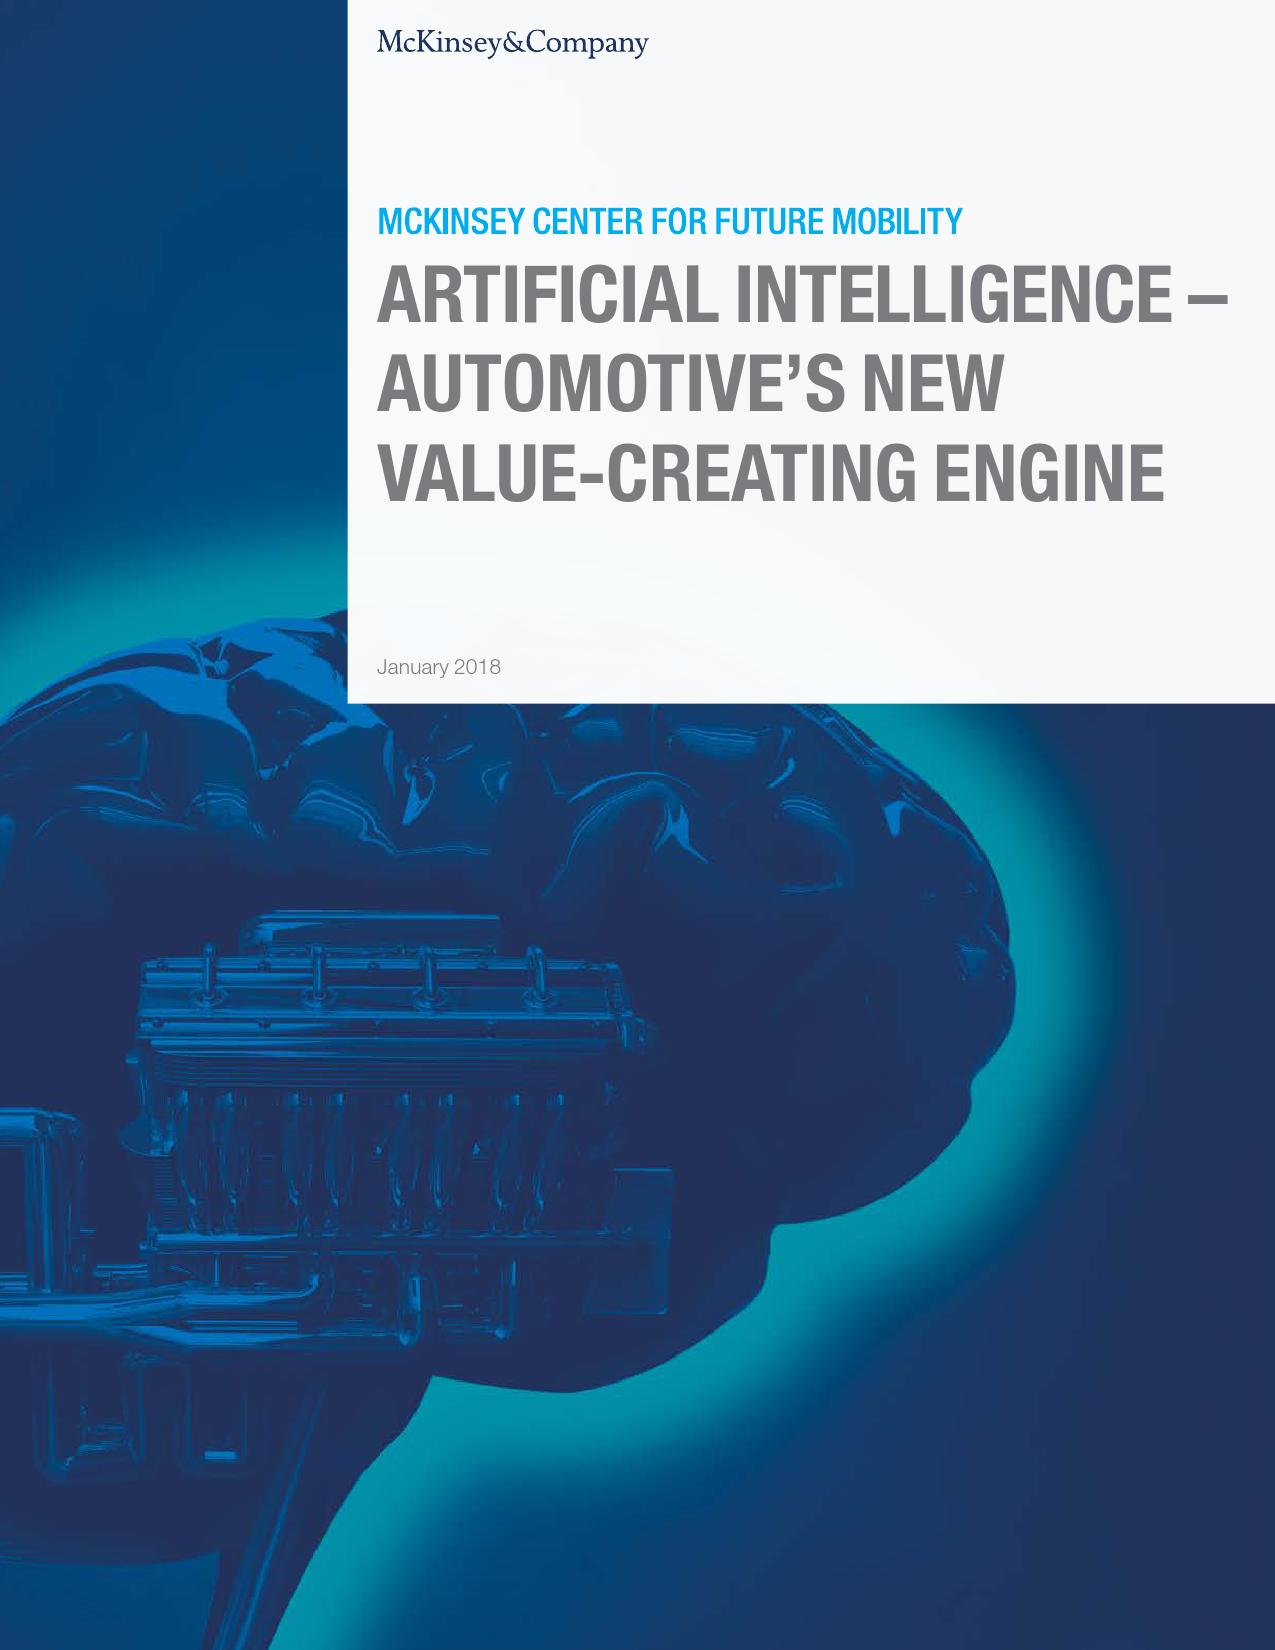 人工智能:汽车行业的新价值创造引擎